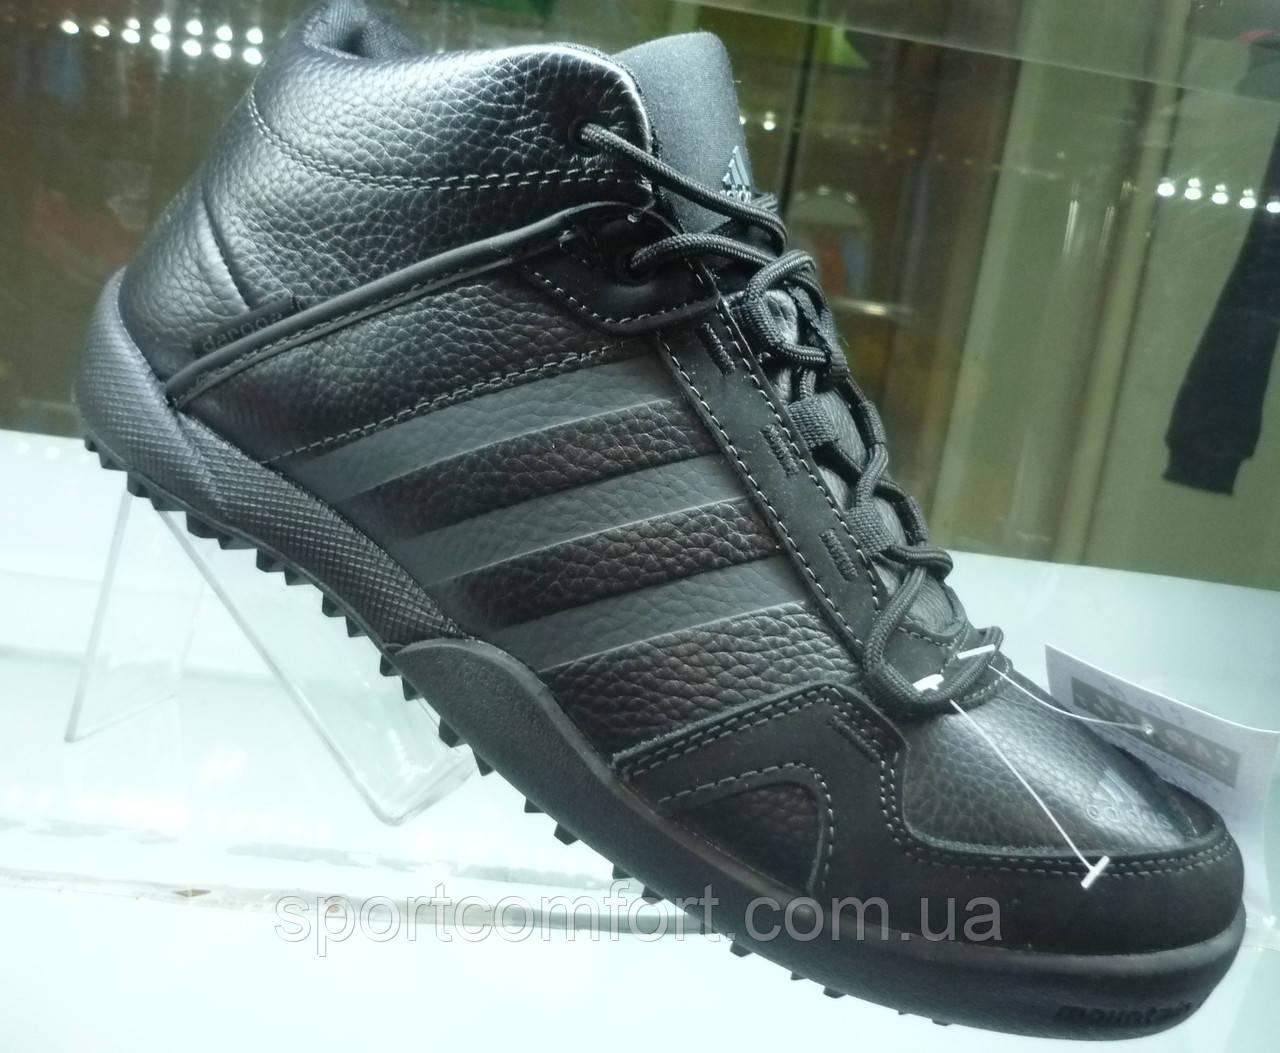 Кроссовки мужские Adidas Daroga черные зима